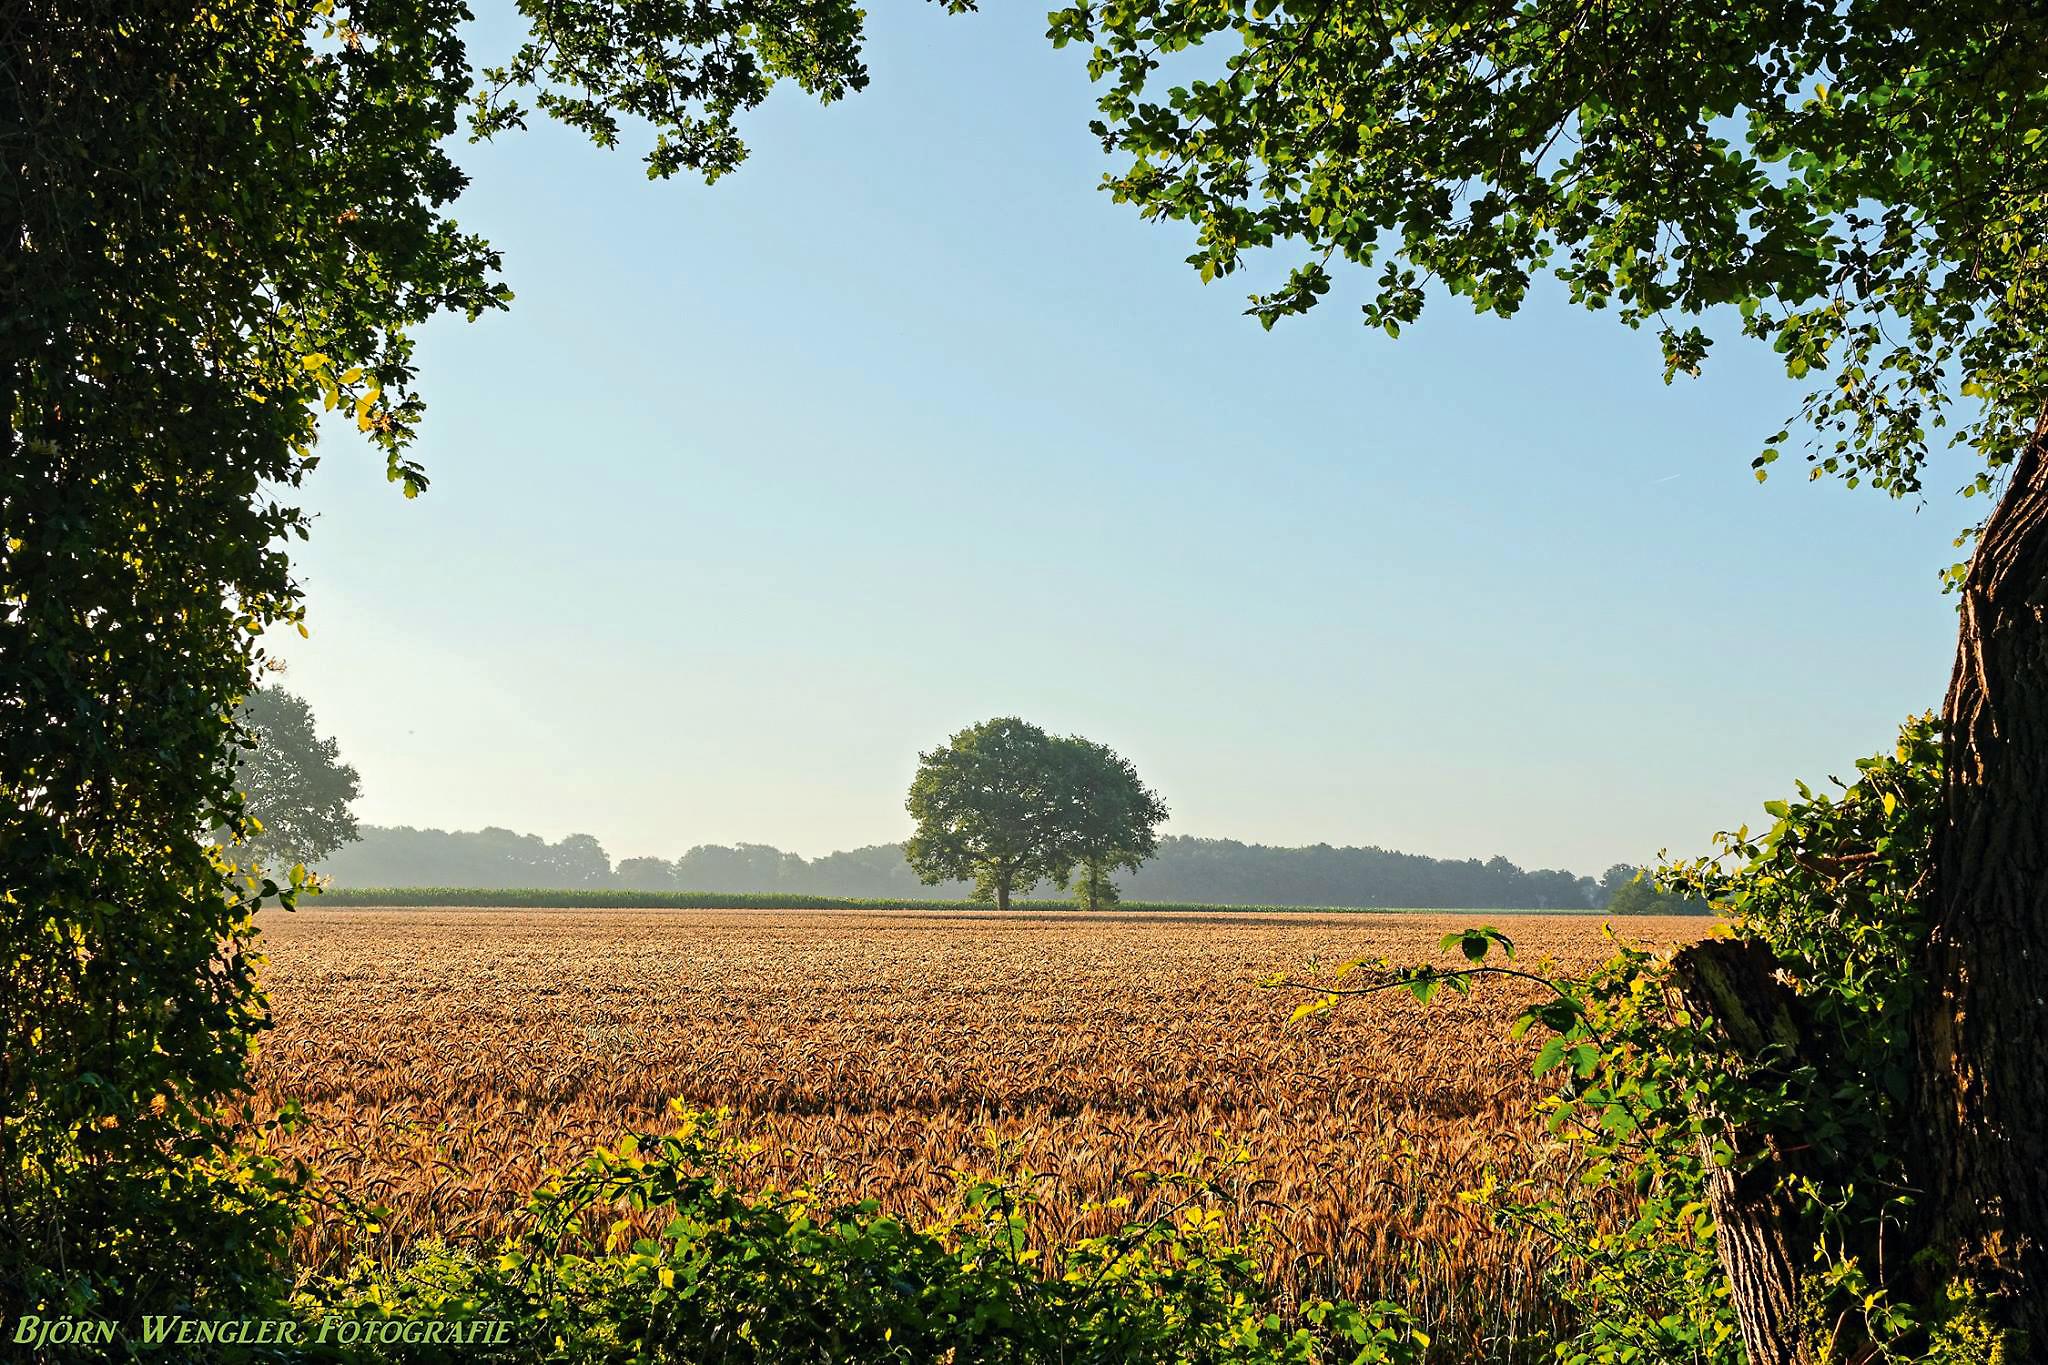 Felder, Wiesen, Bäume und kleine Wäldchen prägen das Land, wie hier bei Fintel am NORDPFAD Haxloher Erde © Björn Wengler Fotografie